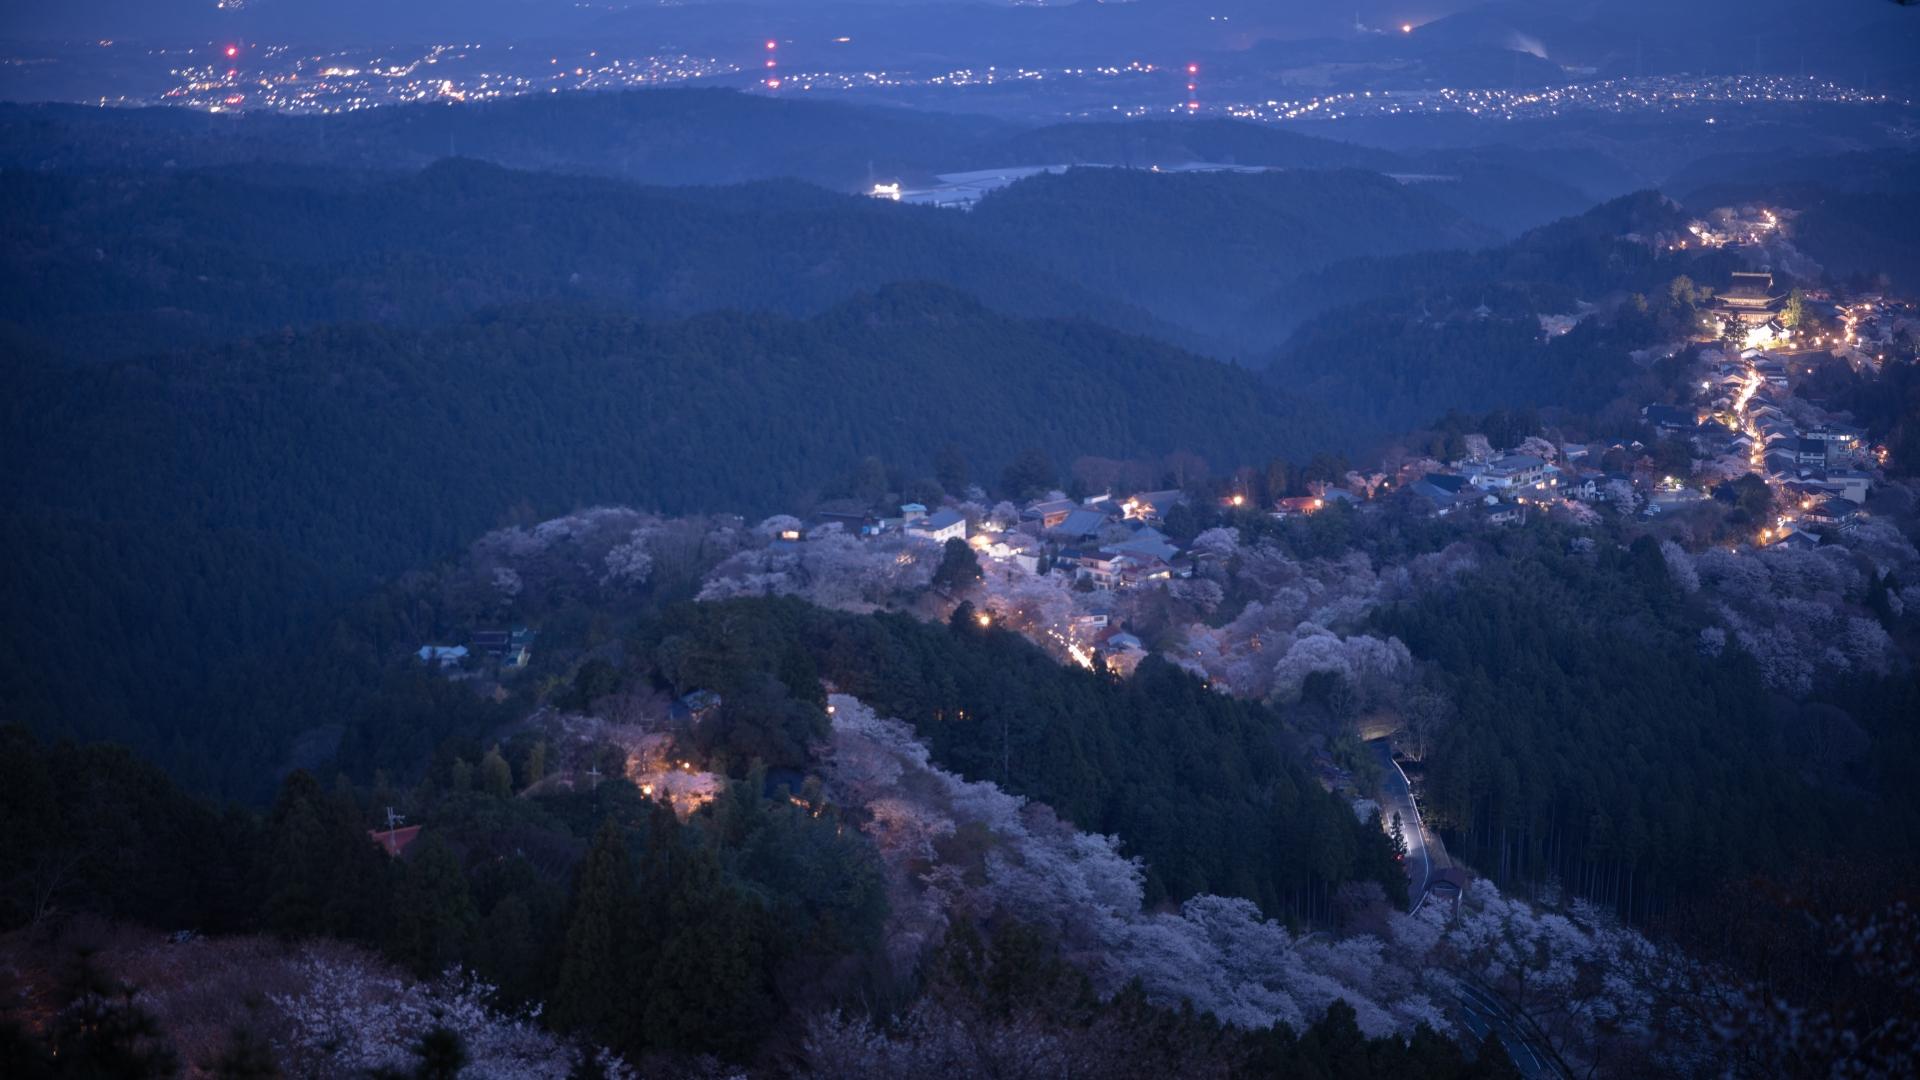 4325044_m 奈良県  吉野山(山が桜に染まる春におすすめの絶景スポット! 写真の紹介、アクセス情報や駐車場情報など)